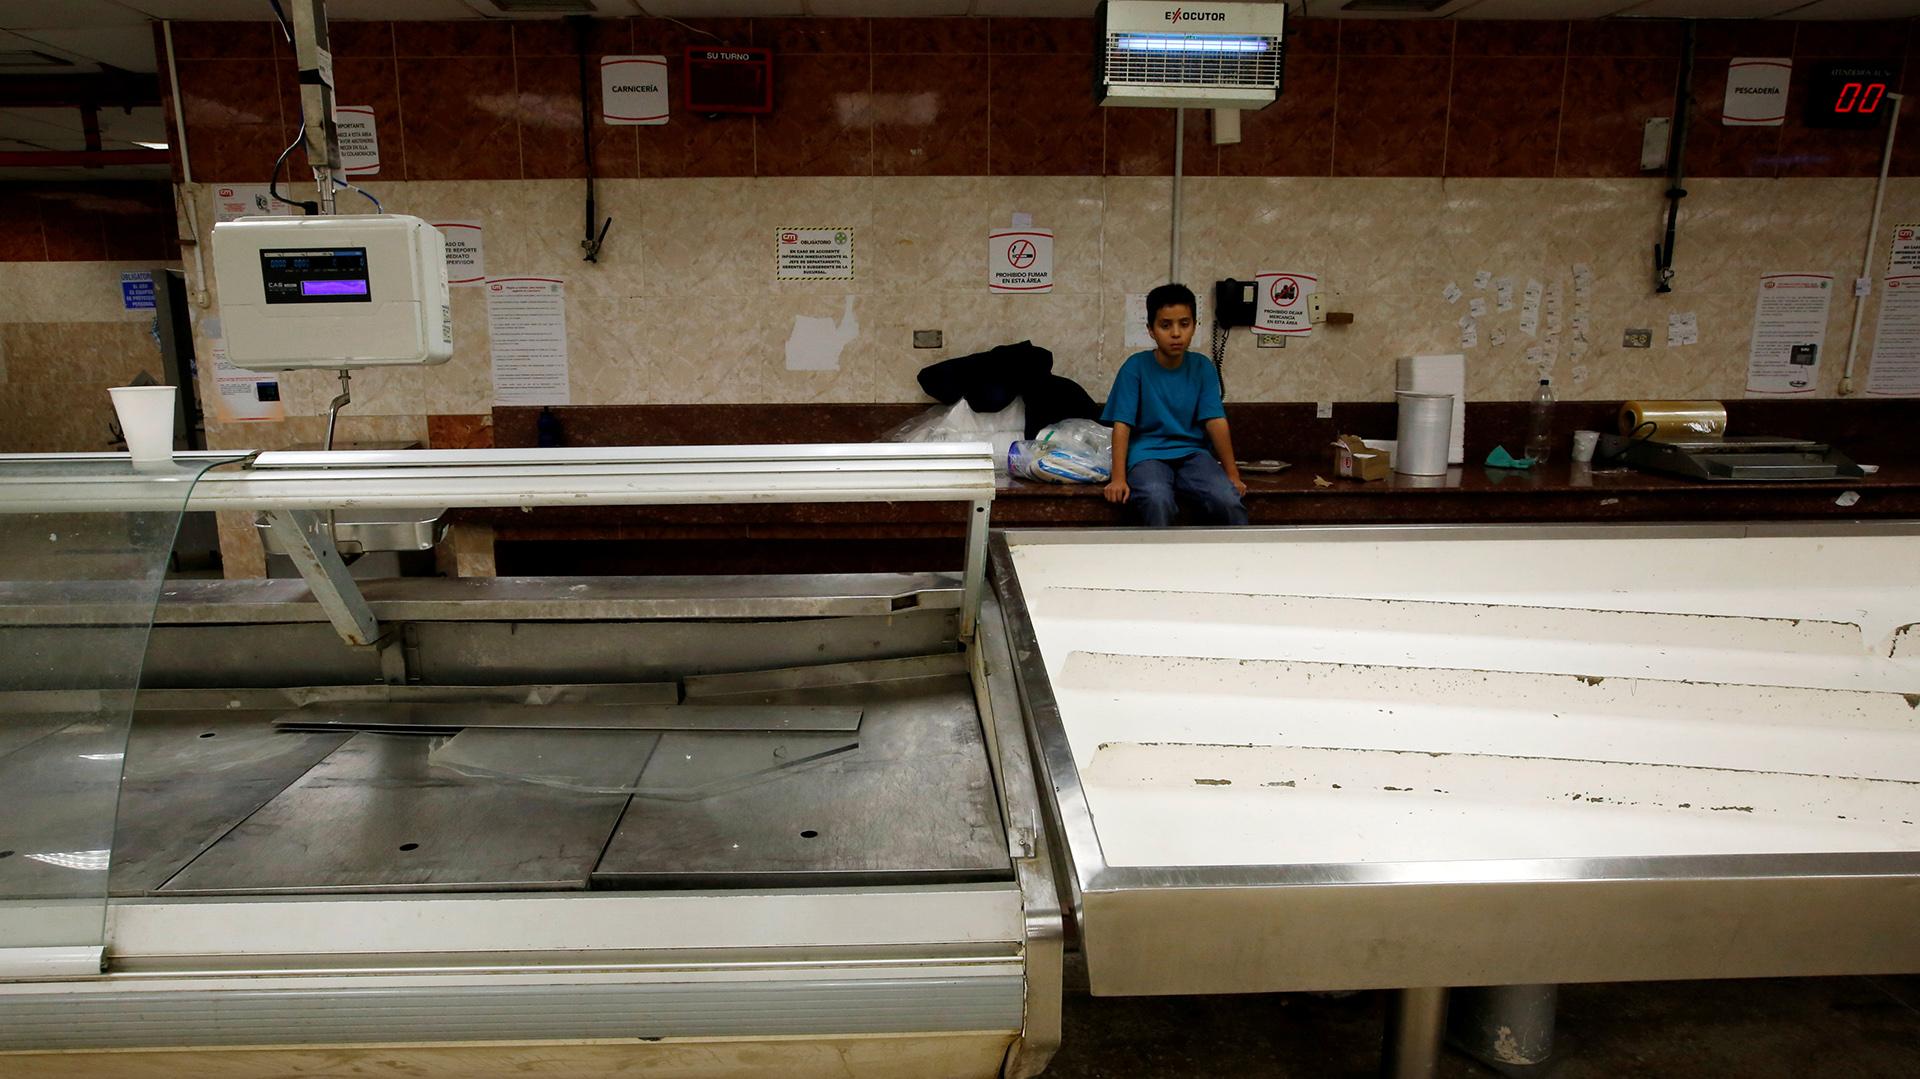 Los diarios locales reportan incidentes todos los días por la falta de alimentos (Reuters)